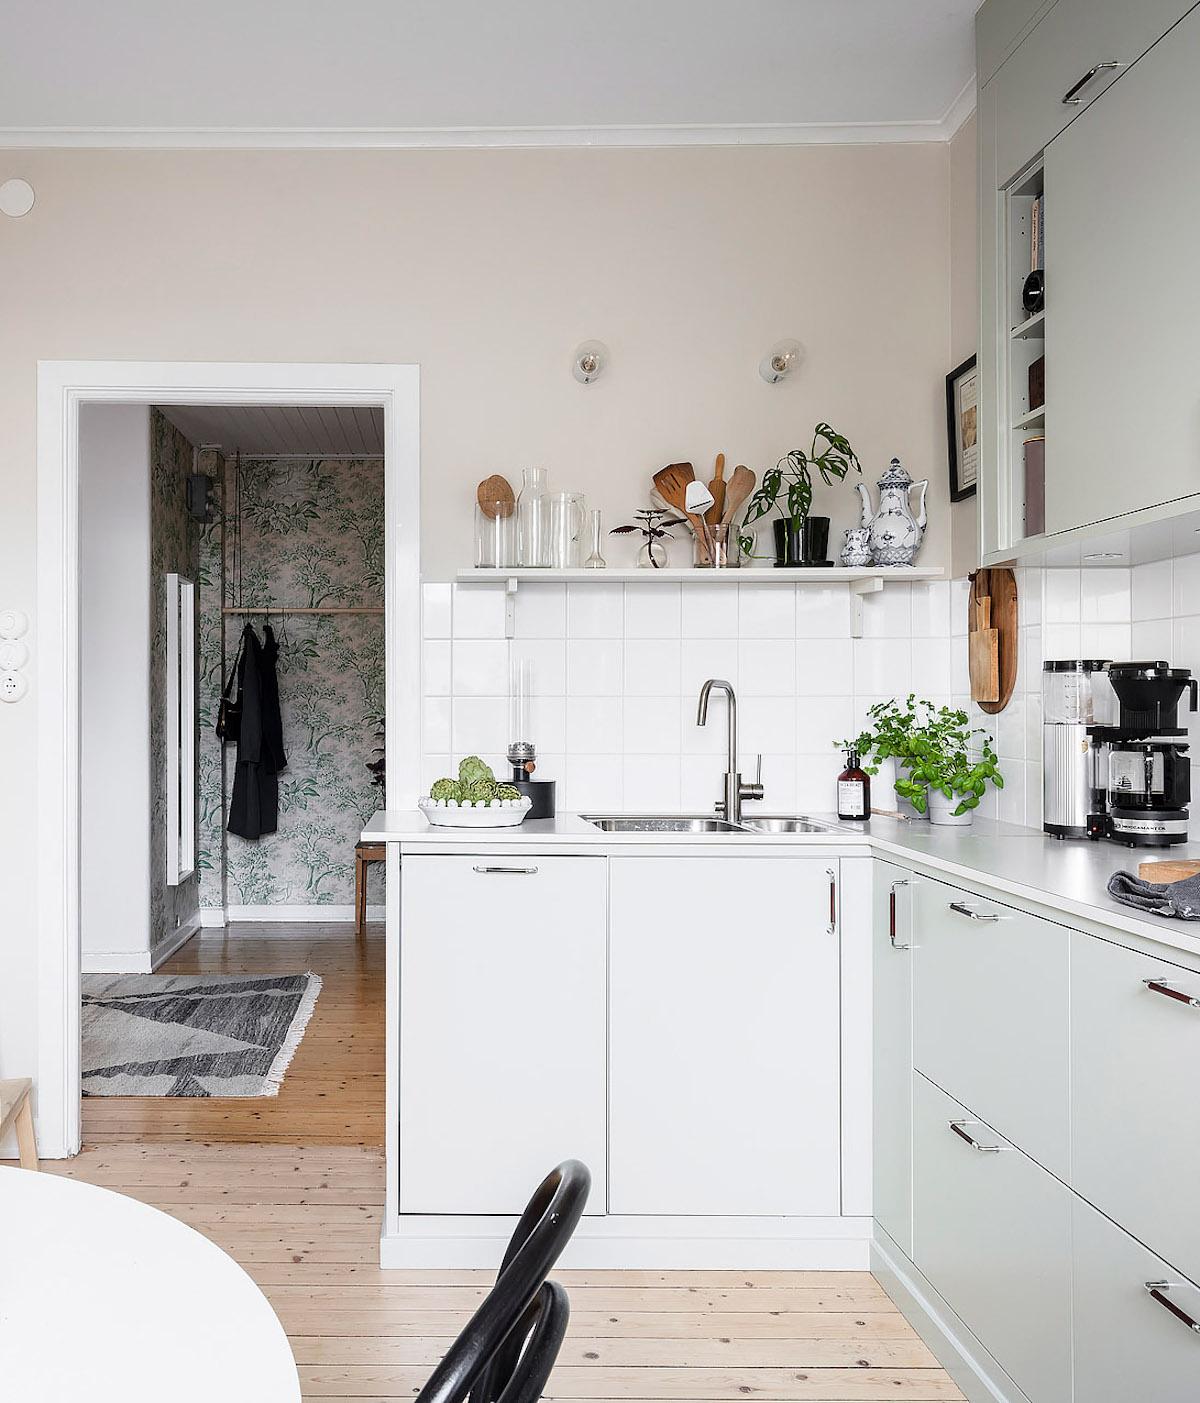 papier peint cuisine table chaise noir tabouret bois porte manteaux - blog déco - clem around the corner